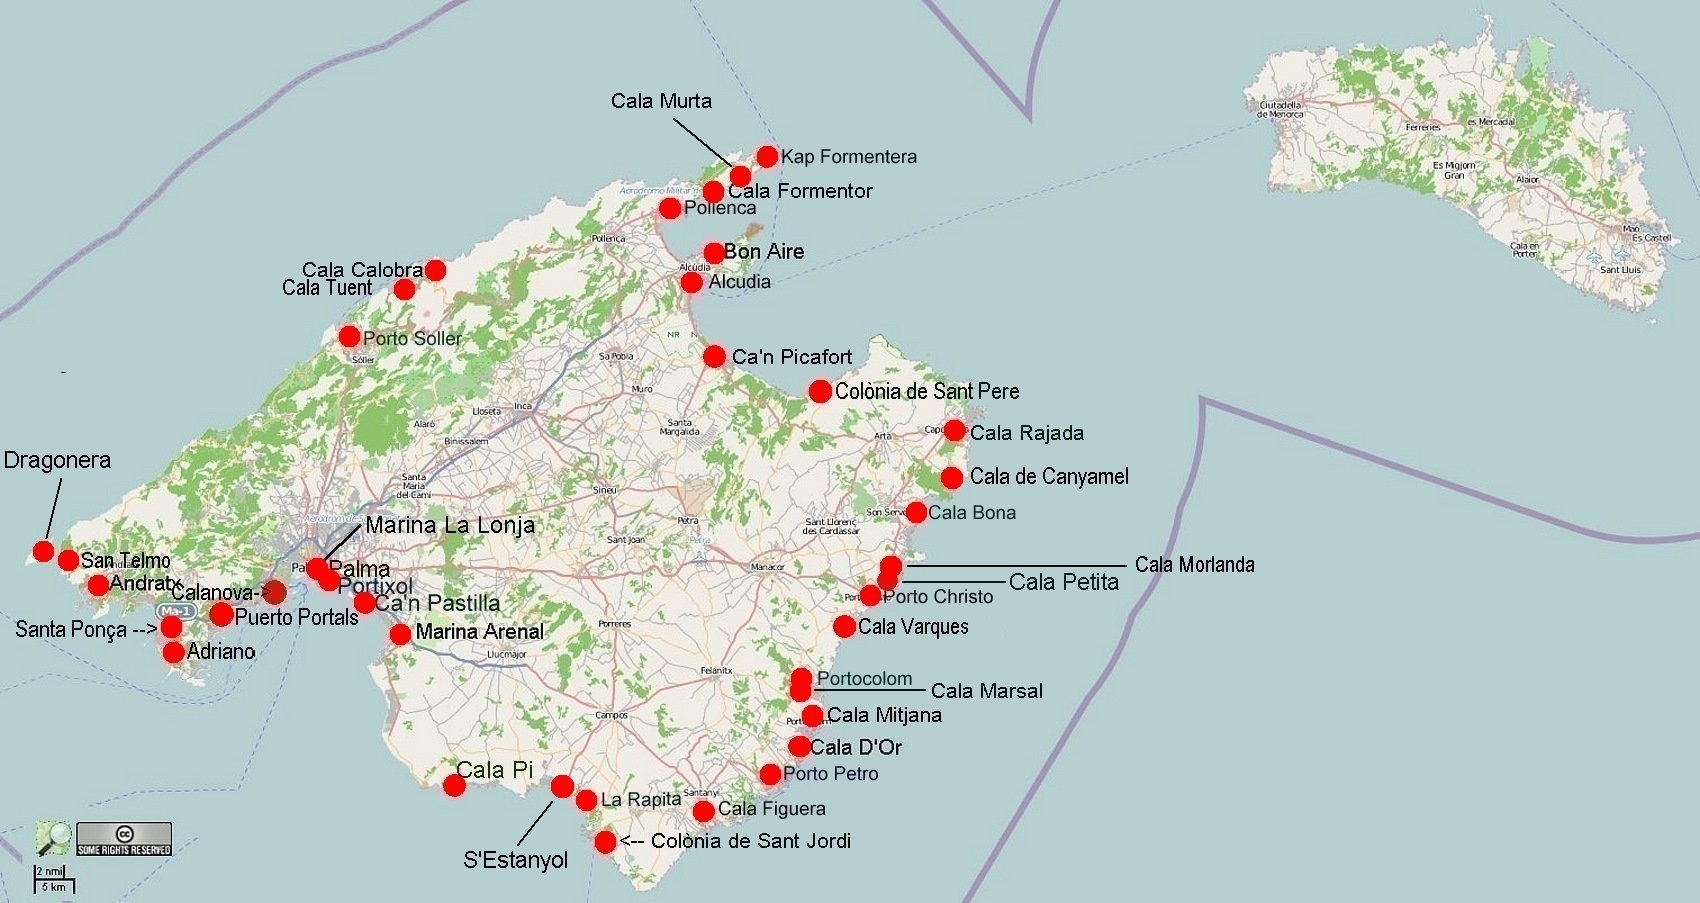 Unwetter Mallorca Karte.Online Hafenhandbuch Spanien Mallorca Und Die Häfen